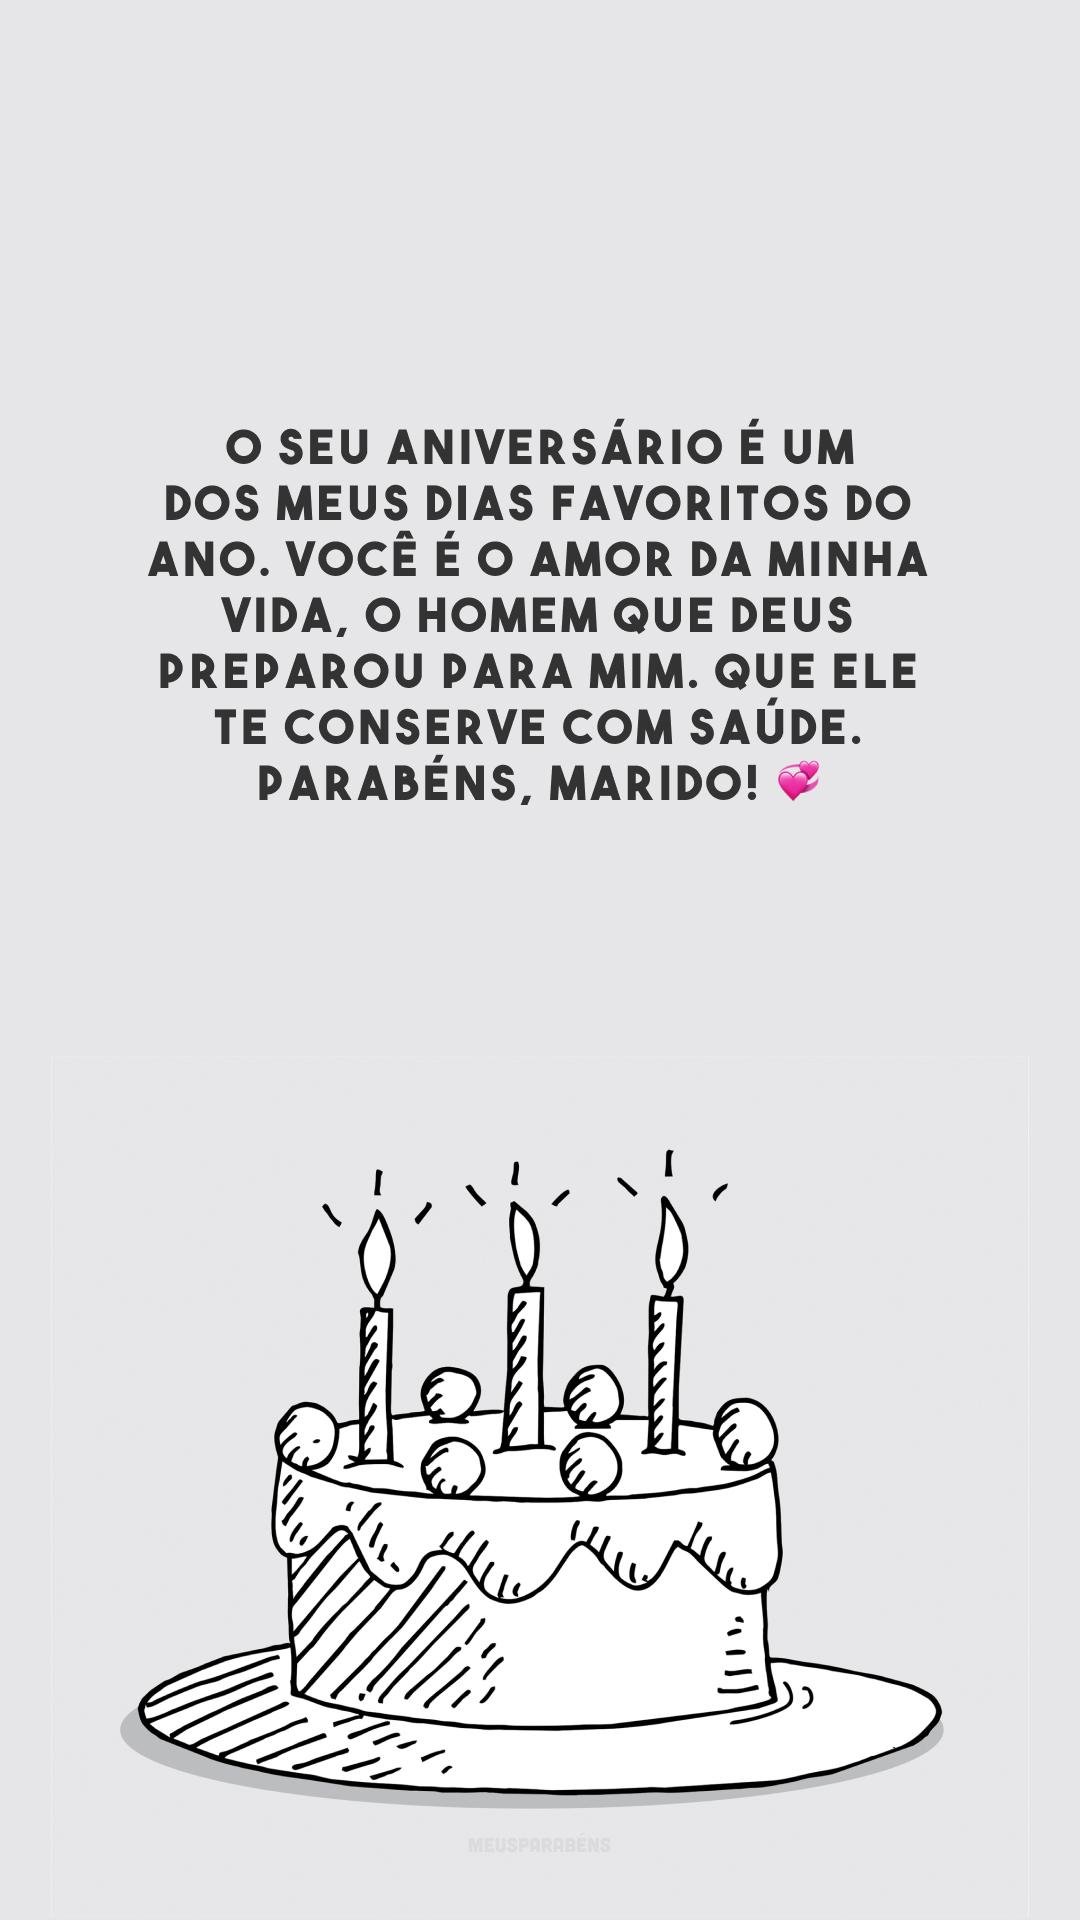 O seu aniversário é um dos meus dias favoritos do ano. Você é o amor da minha vida, o homem que Deus preparou para mim. Que Ele te conserve com saúde. Parabéns, marido! 💞